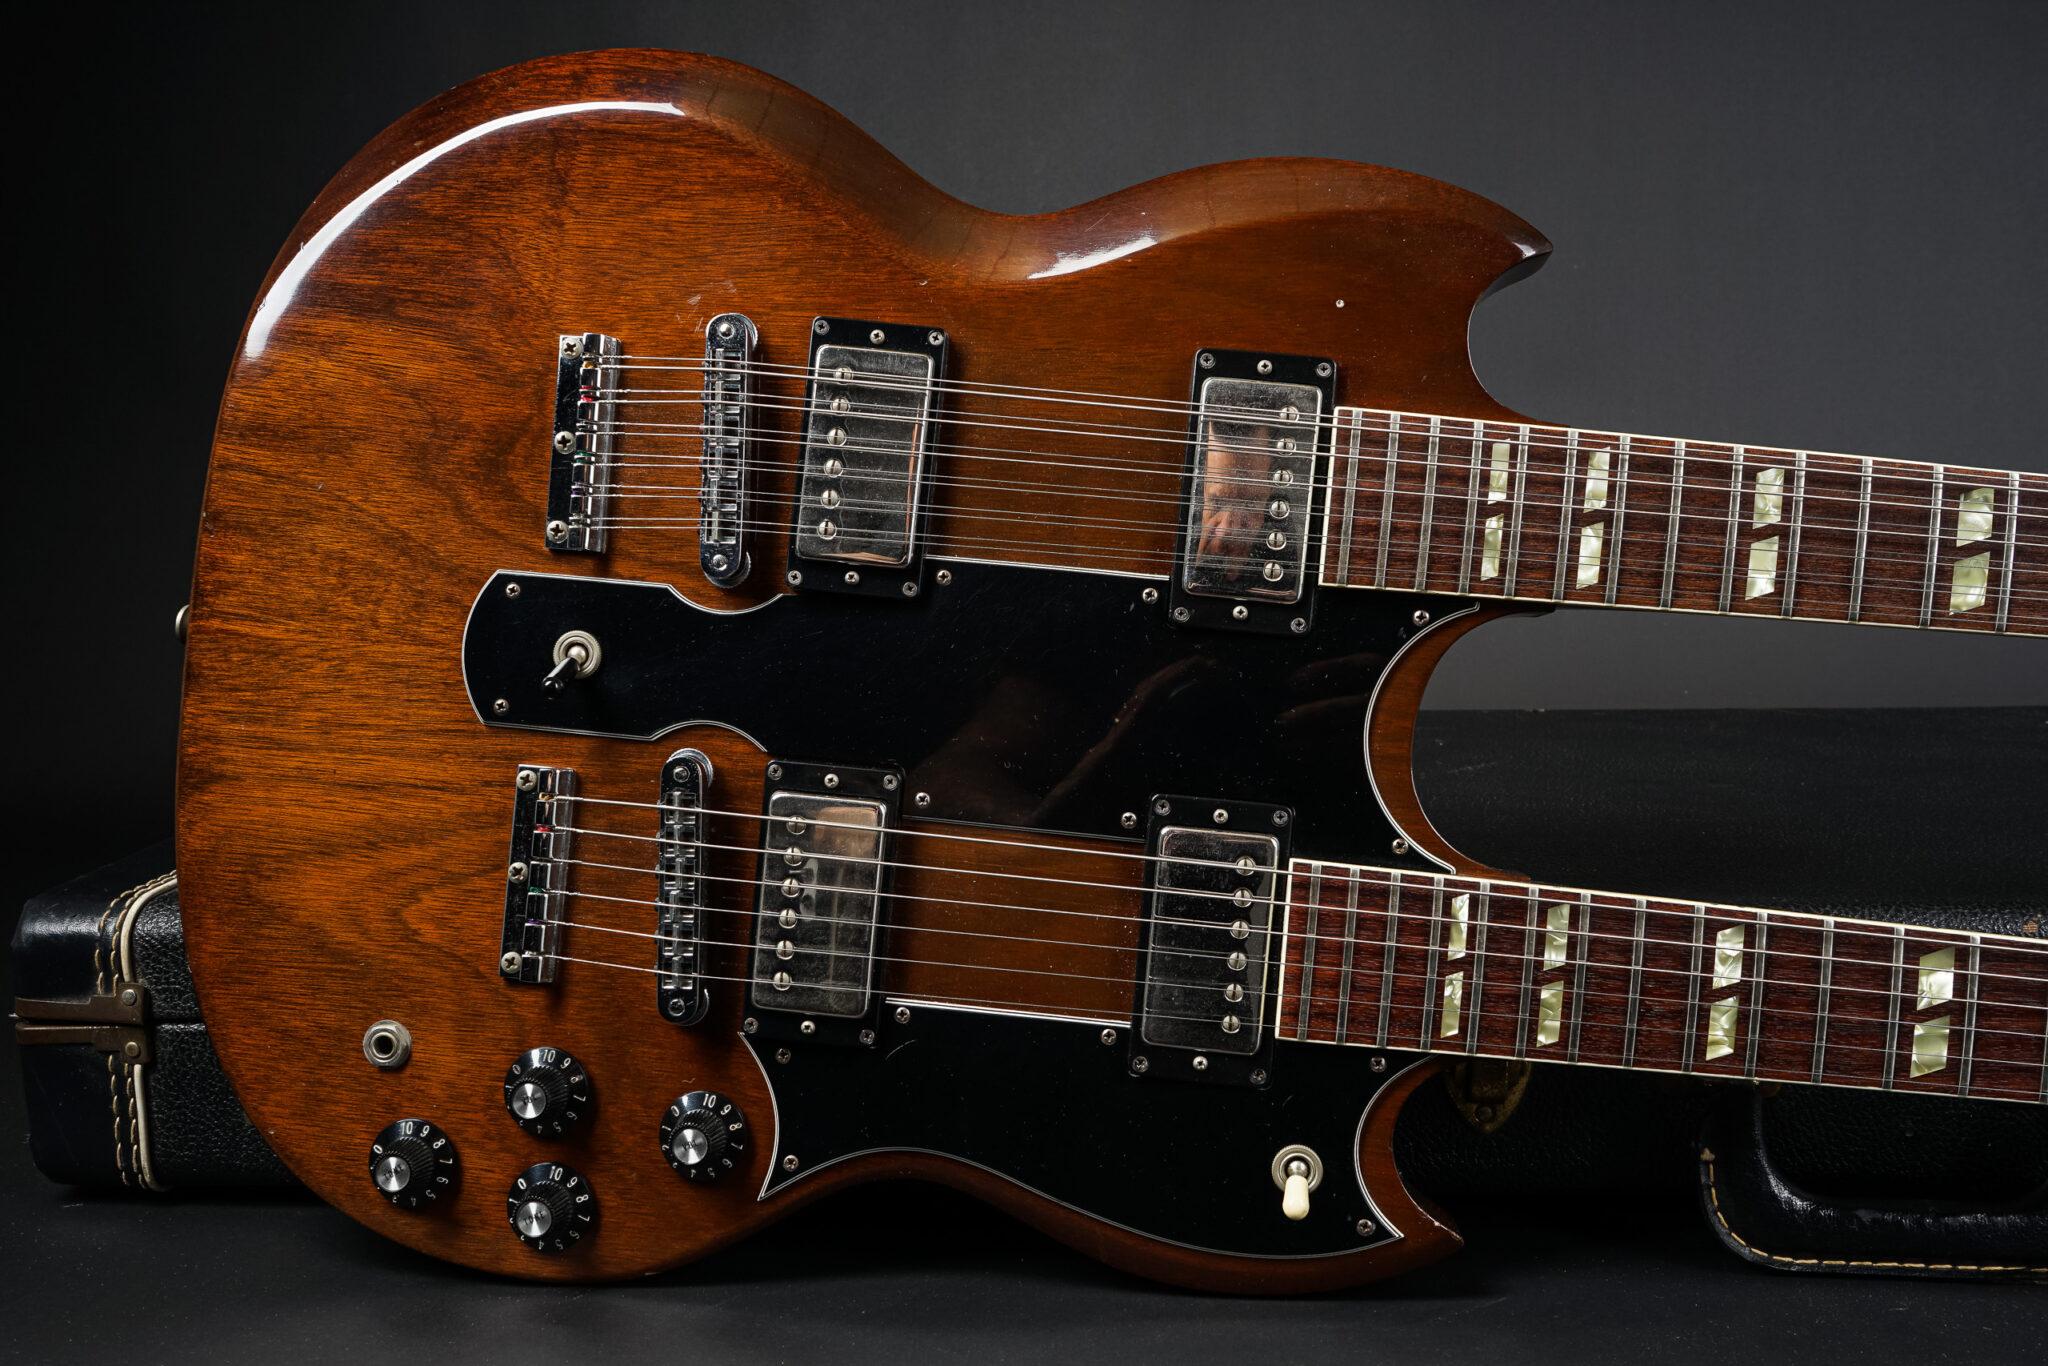 https://guitarpoint.de/app/uploads/products/1981-gibson-eds-1275-doubleneck-walnut/1981-Gibson-EDS-1275-Walnut-11-2048x1366.jpg